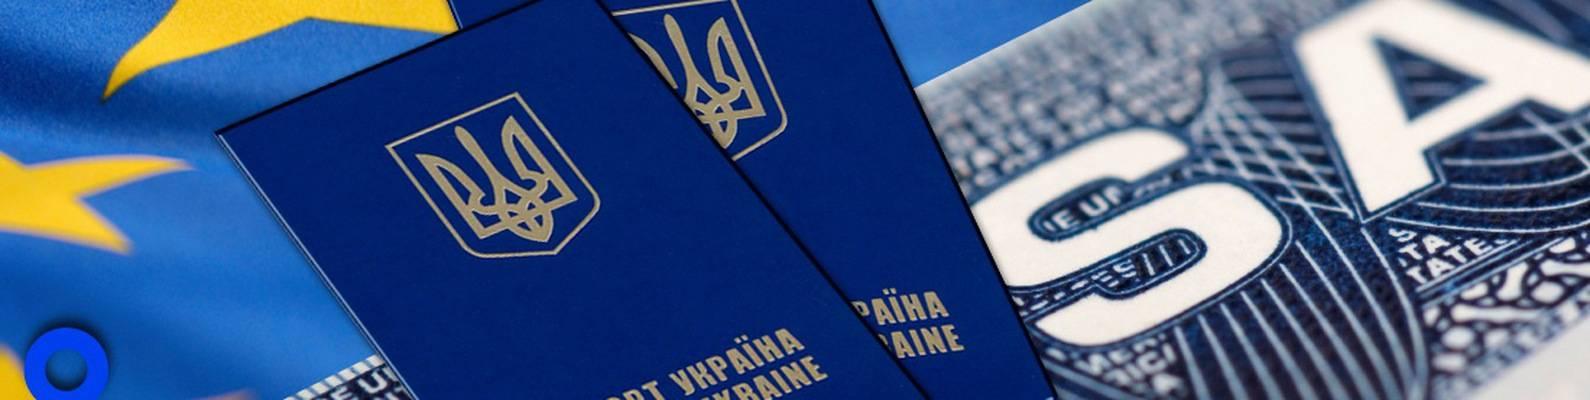 Виза в польшу для украинцев в 2021 году: как получить, стоимость оформления